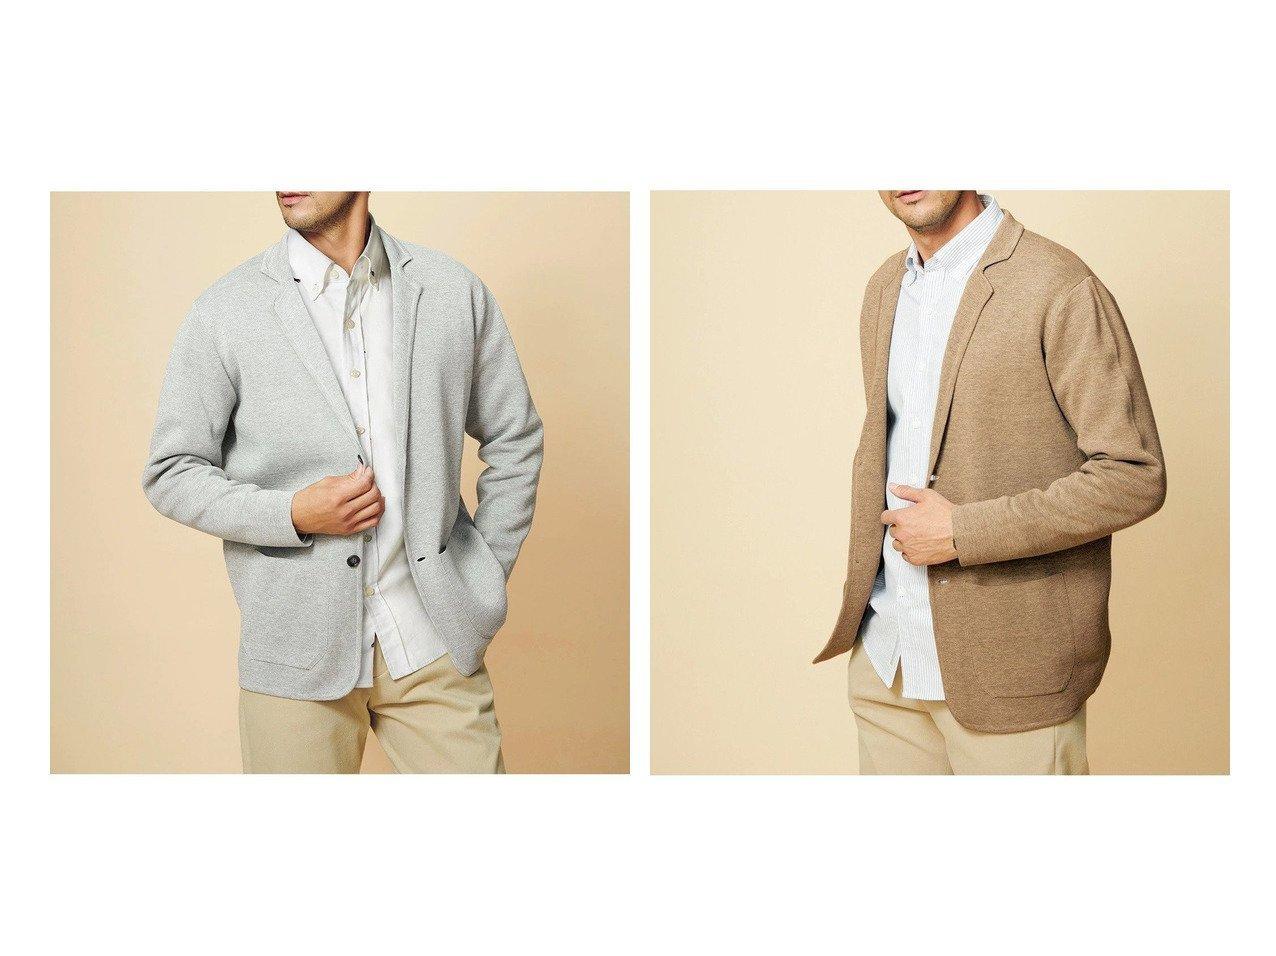 【DoCLASSE / MEN/ドゥクラッセ】のミラノリブテーラーカーディガン 【MEN】ドゥクラッセの40代、50代の男性におすすめ!人気トレンド・メンズファッションの通販 おすすめで人気の流行・トレンド、ファッションの通販商品 メンズファッション・キッズファッション・インテリア・家具・レディースファッション・服の通販 founy(ファニー) https://founy.com/ ファッション Fashion メンズファッション MEN ジャケット ストレッチ ミラノリブ リラックス |ID:crp329100000021657